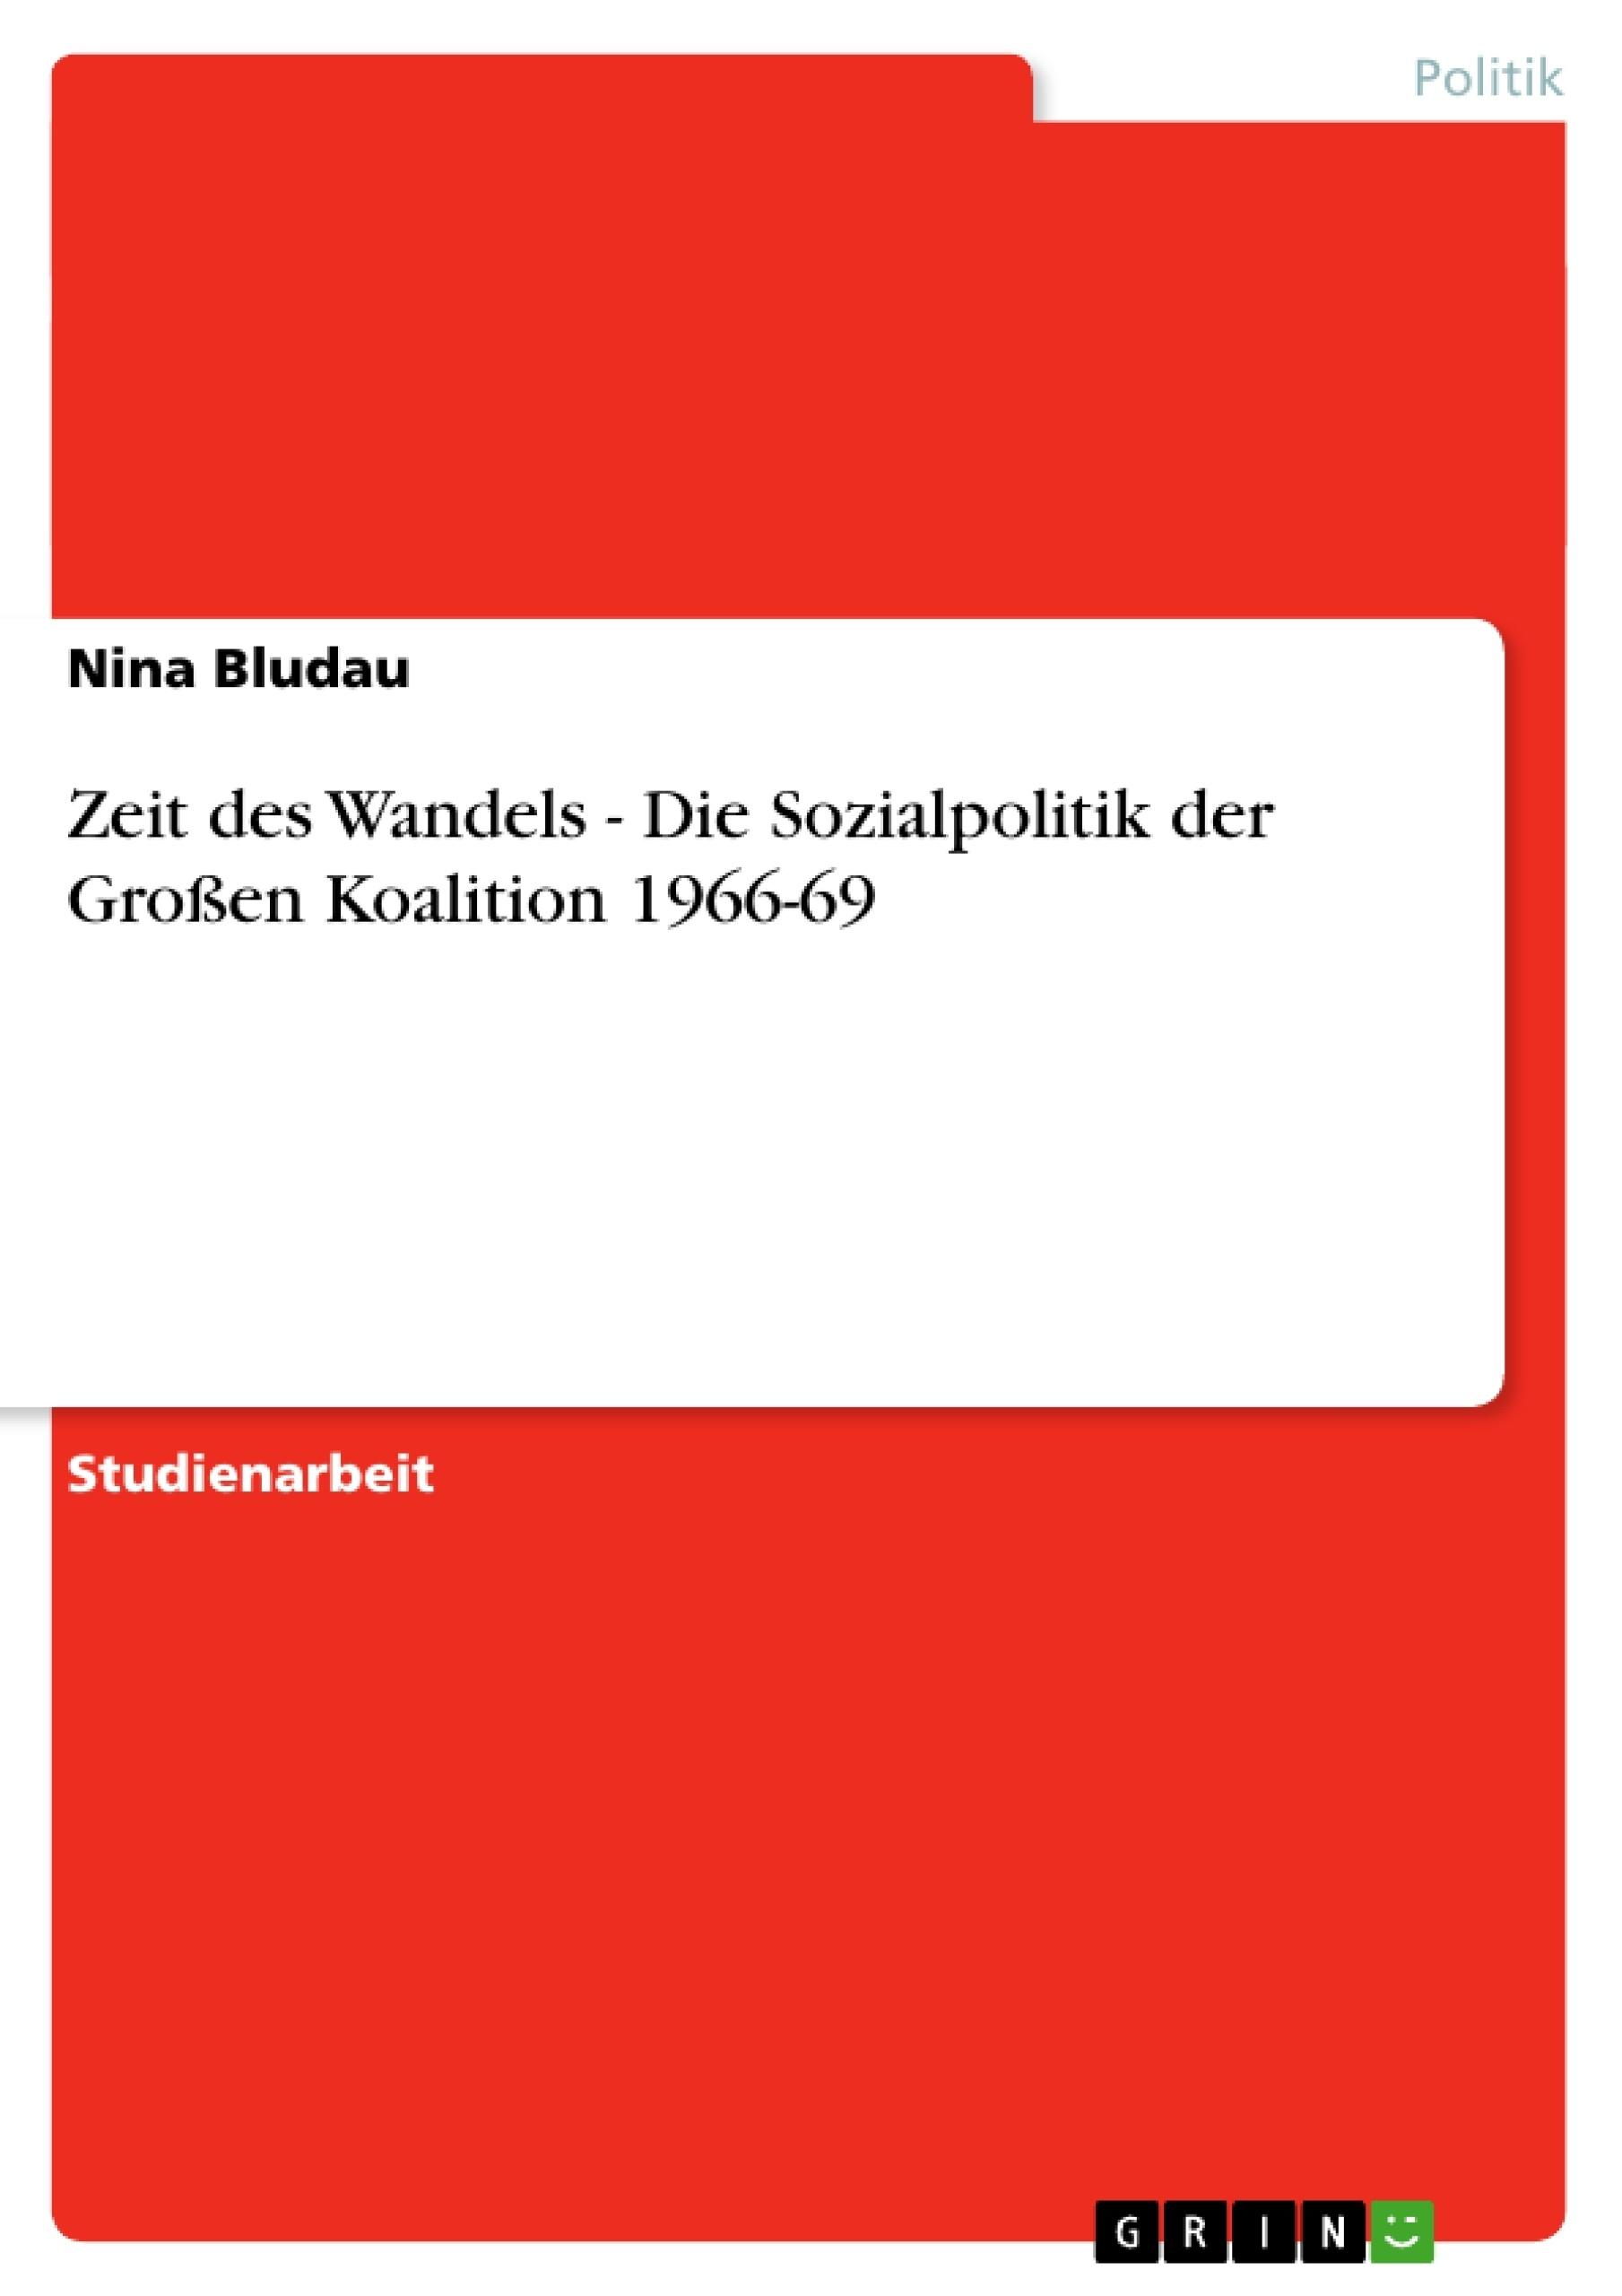 Titel: Zeit des Wandels - Die Sozialpolitik der Großen Koalition 1966-69